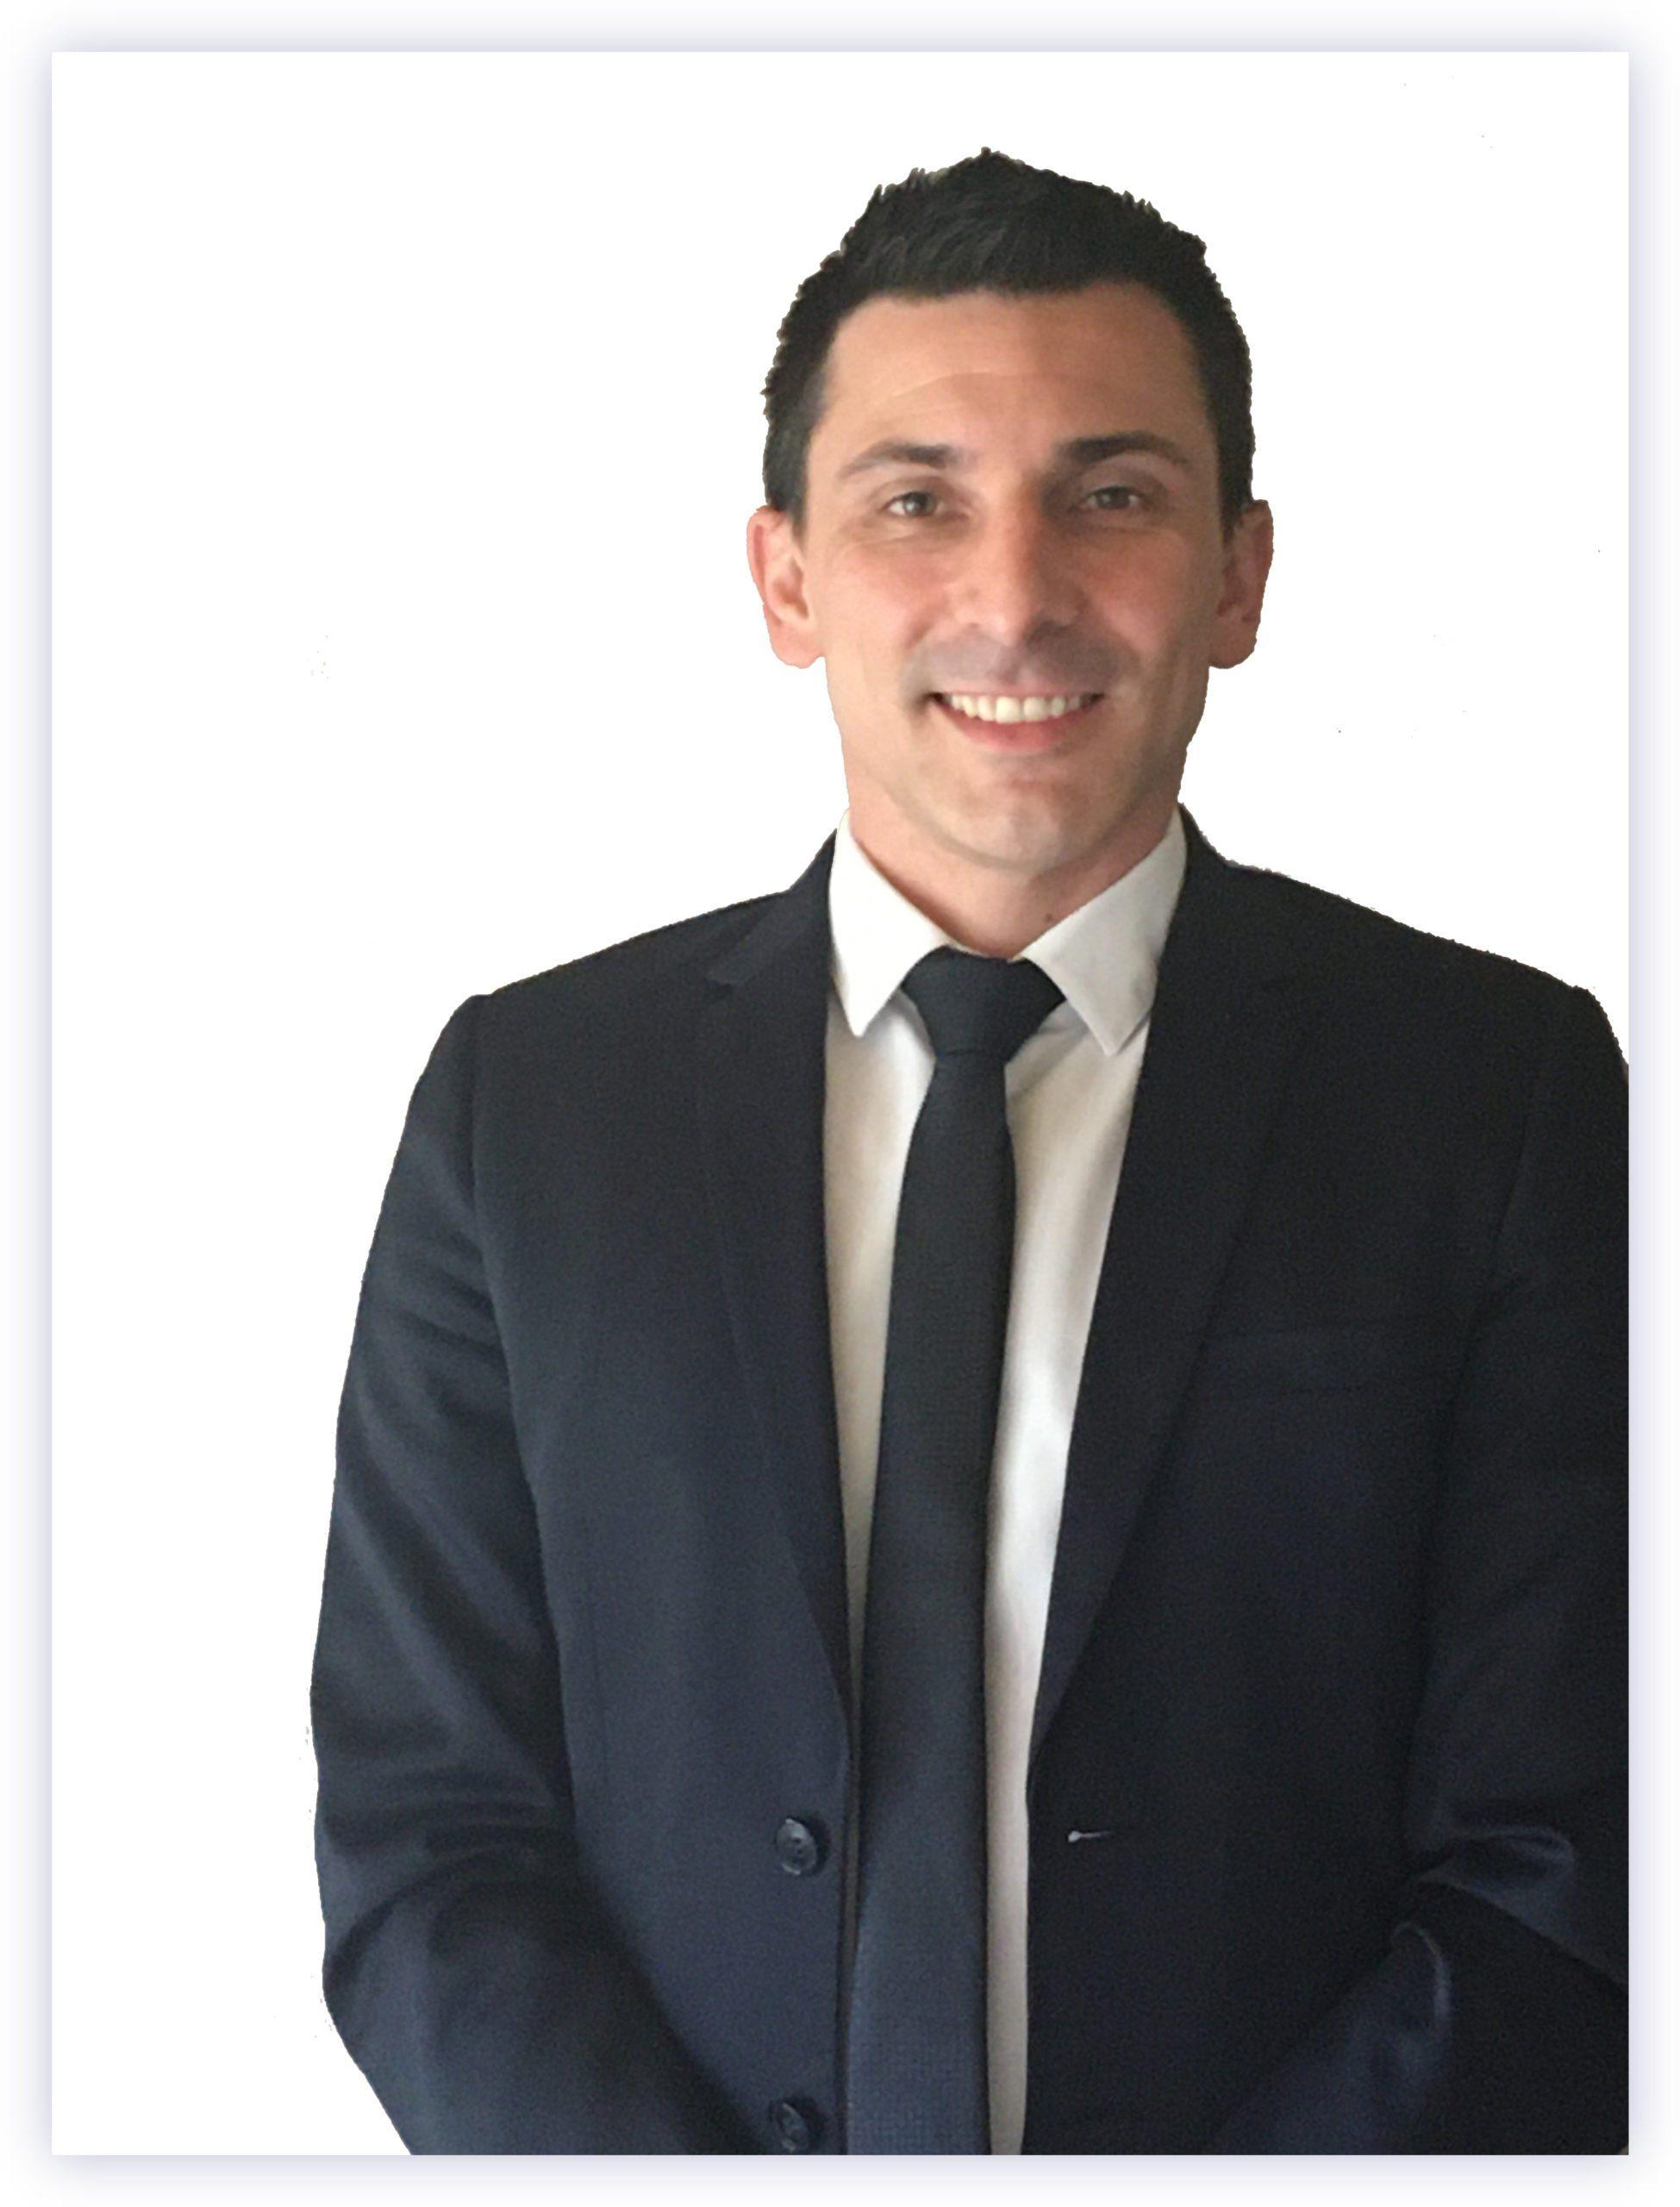 Bruno Planelles